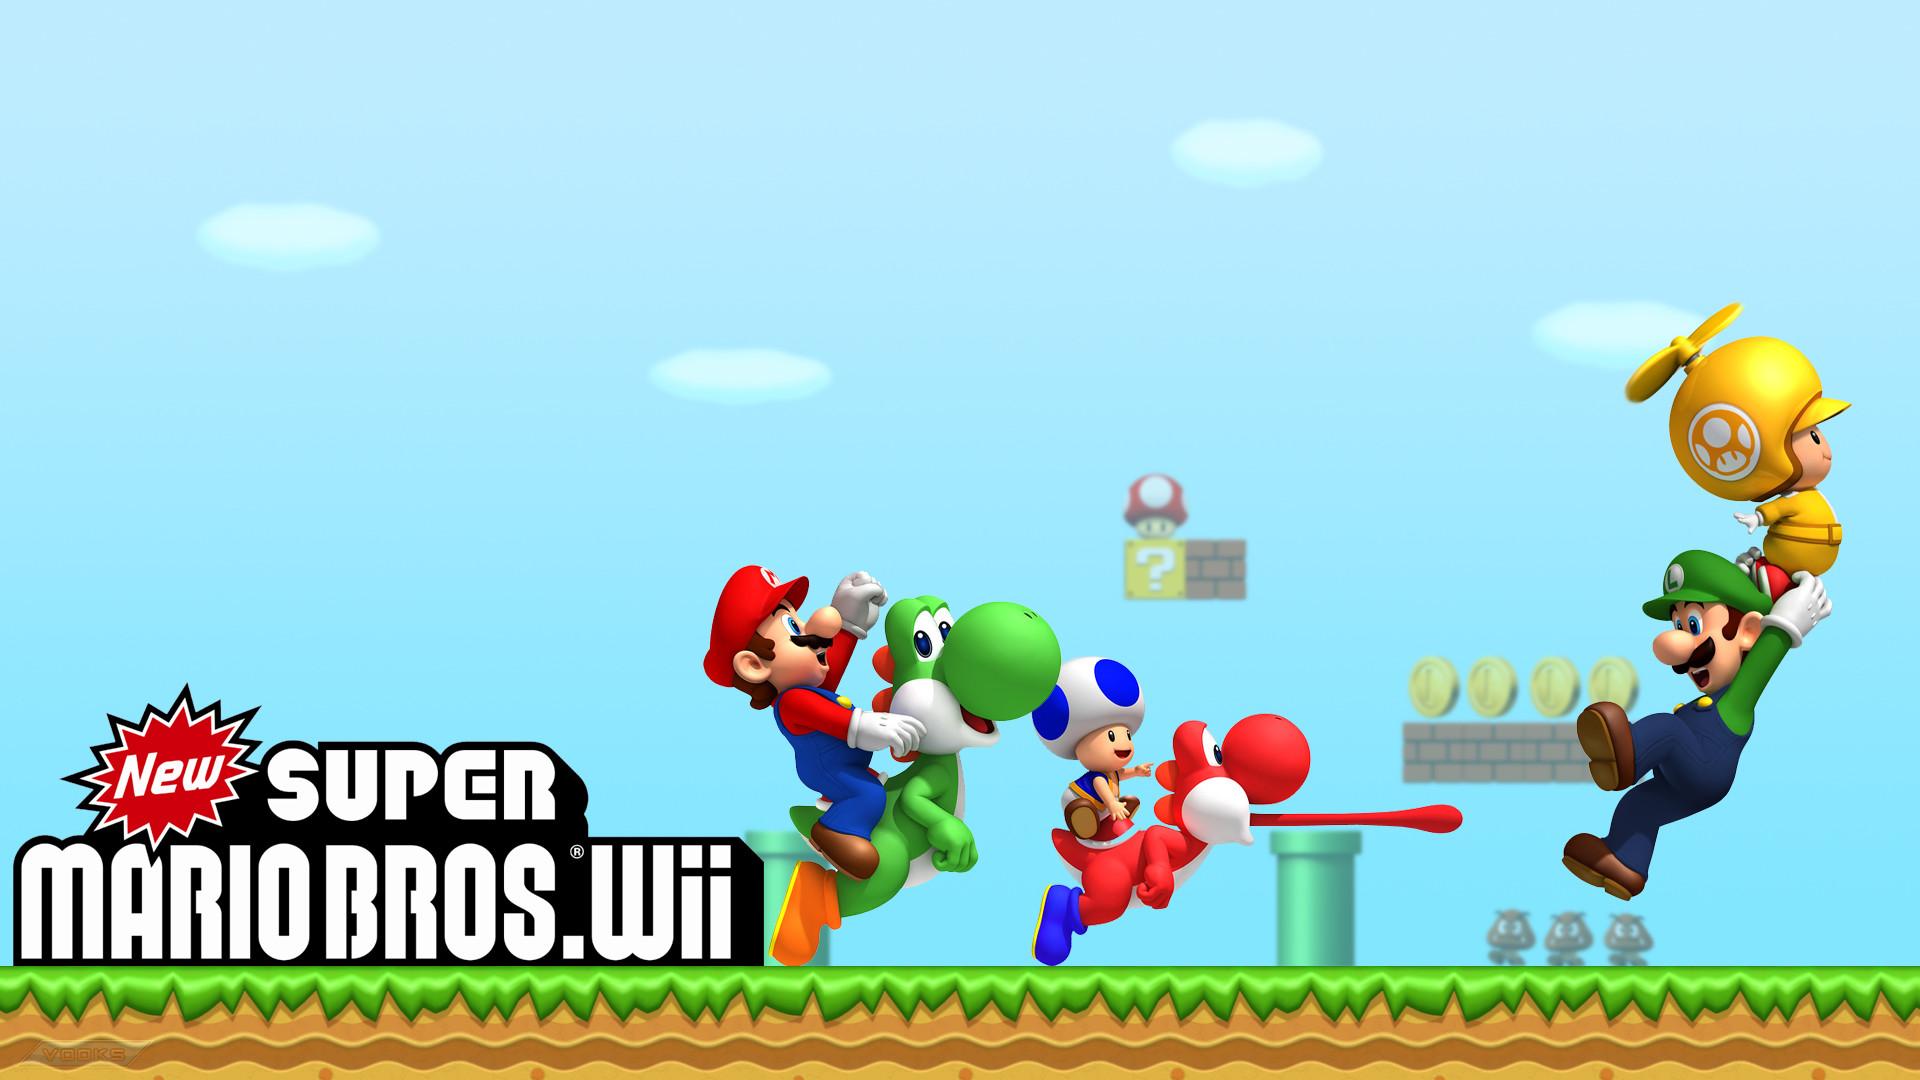 Super Mario Wii U HD Wallpaper